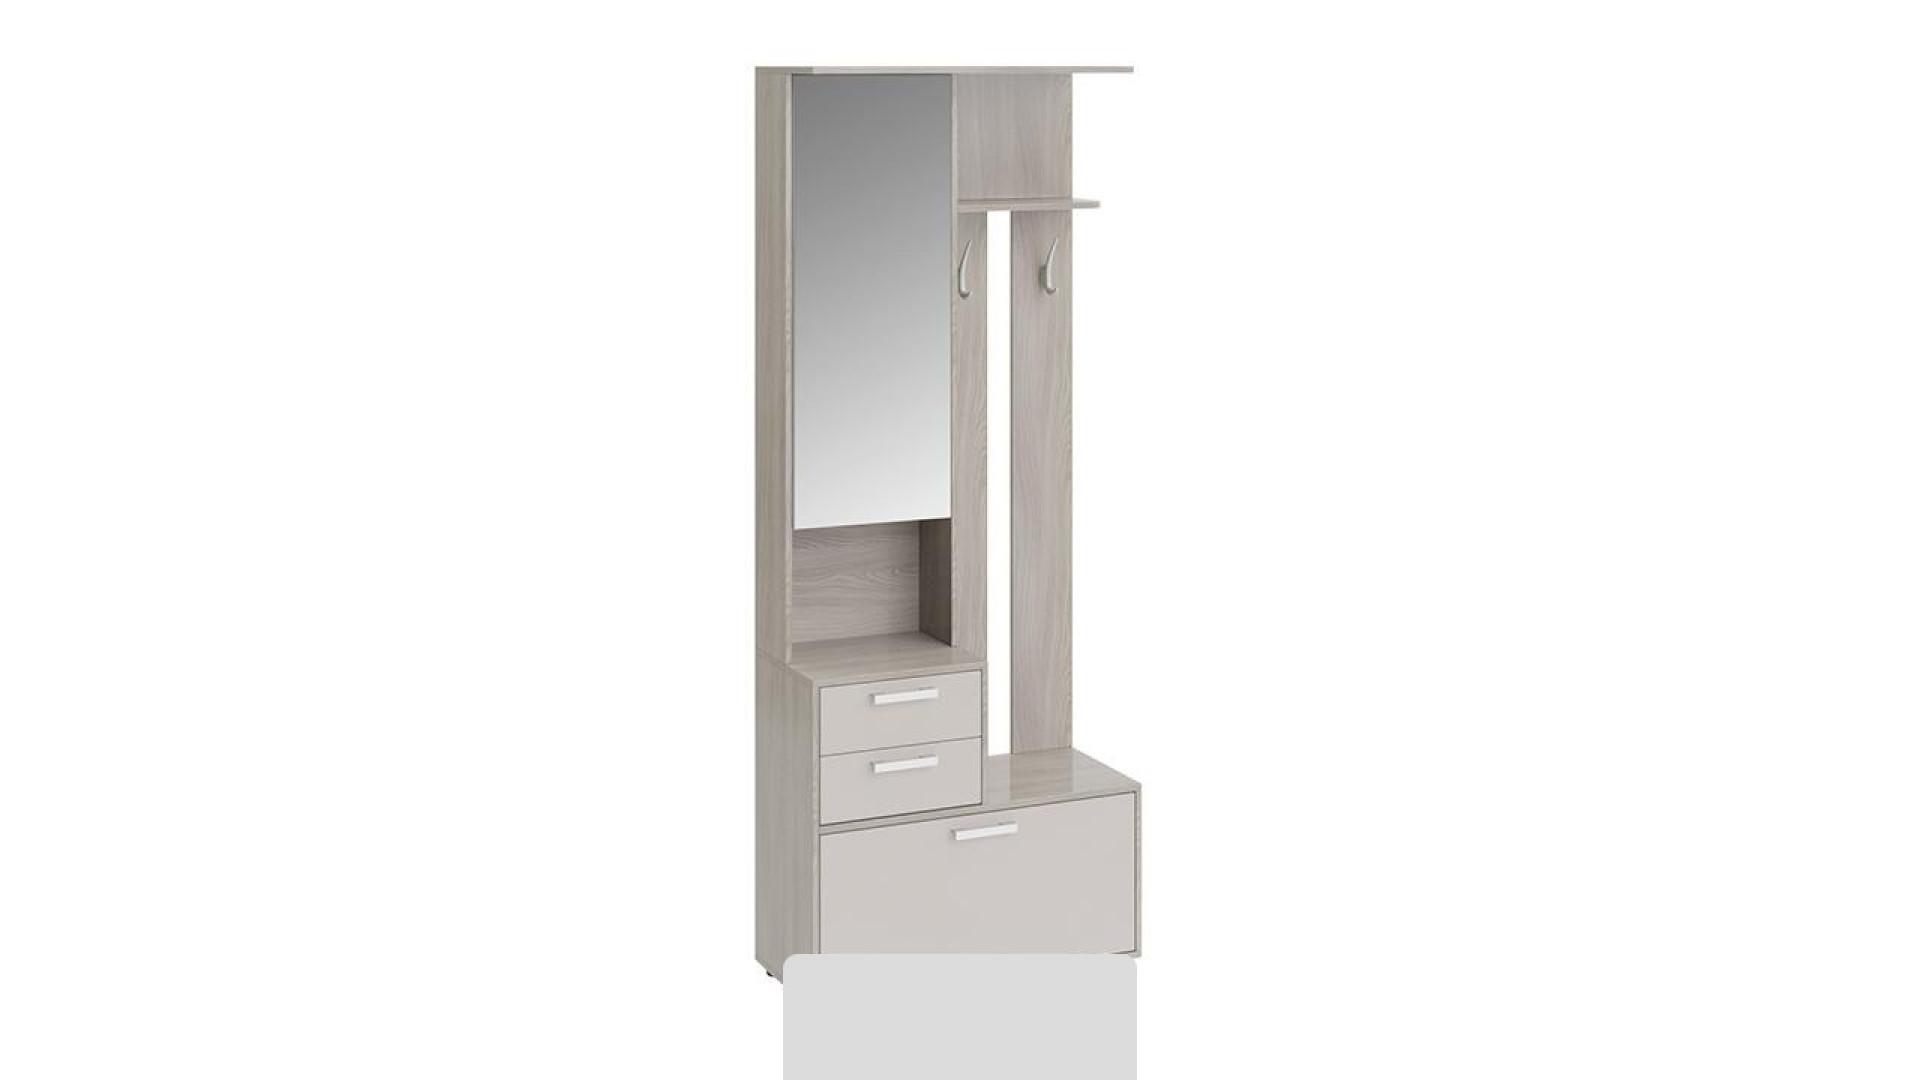 Шкаф-секция комбинированная Витра тип 1 (Ясень шимо/Бежевый фон глянец)